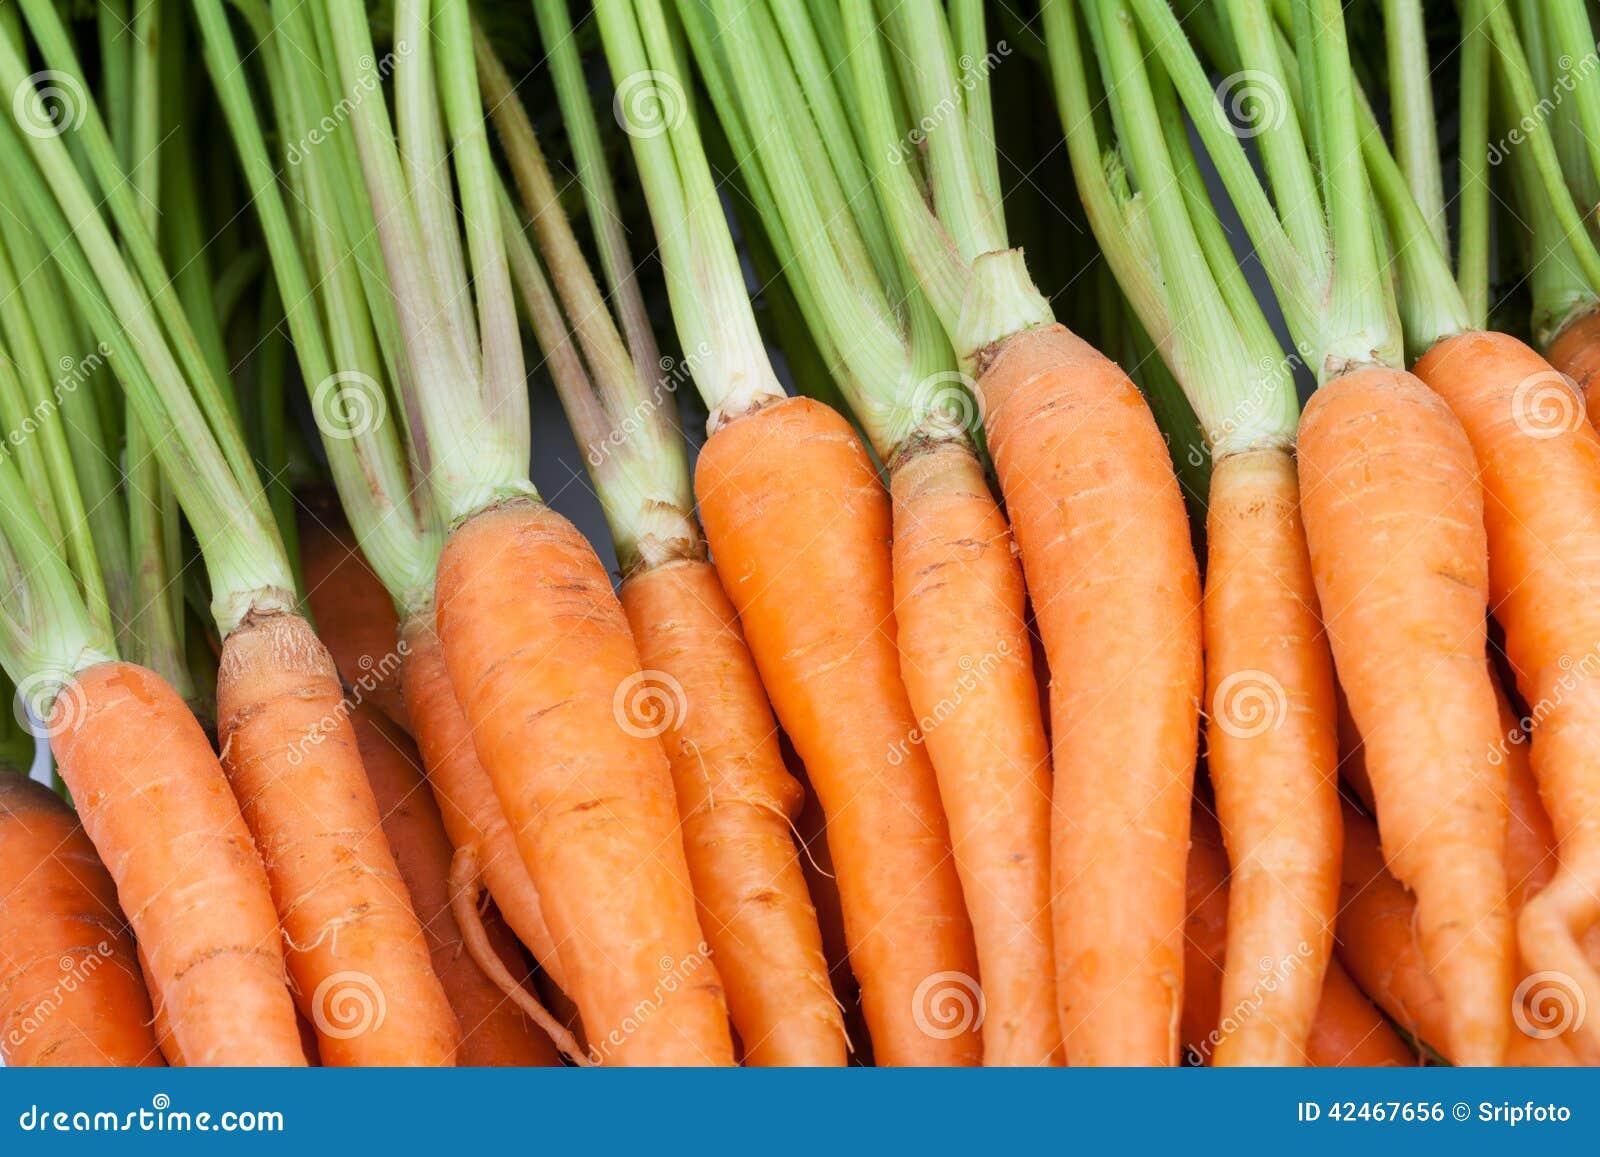 Frische Karotte auf weißem Hintergrund